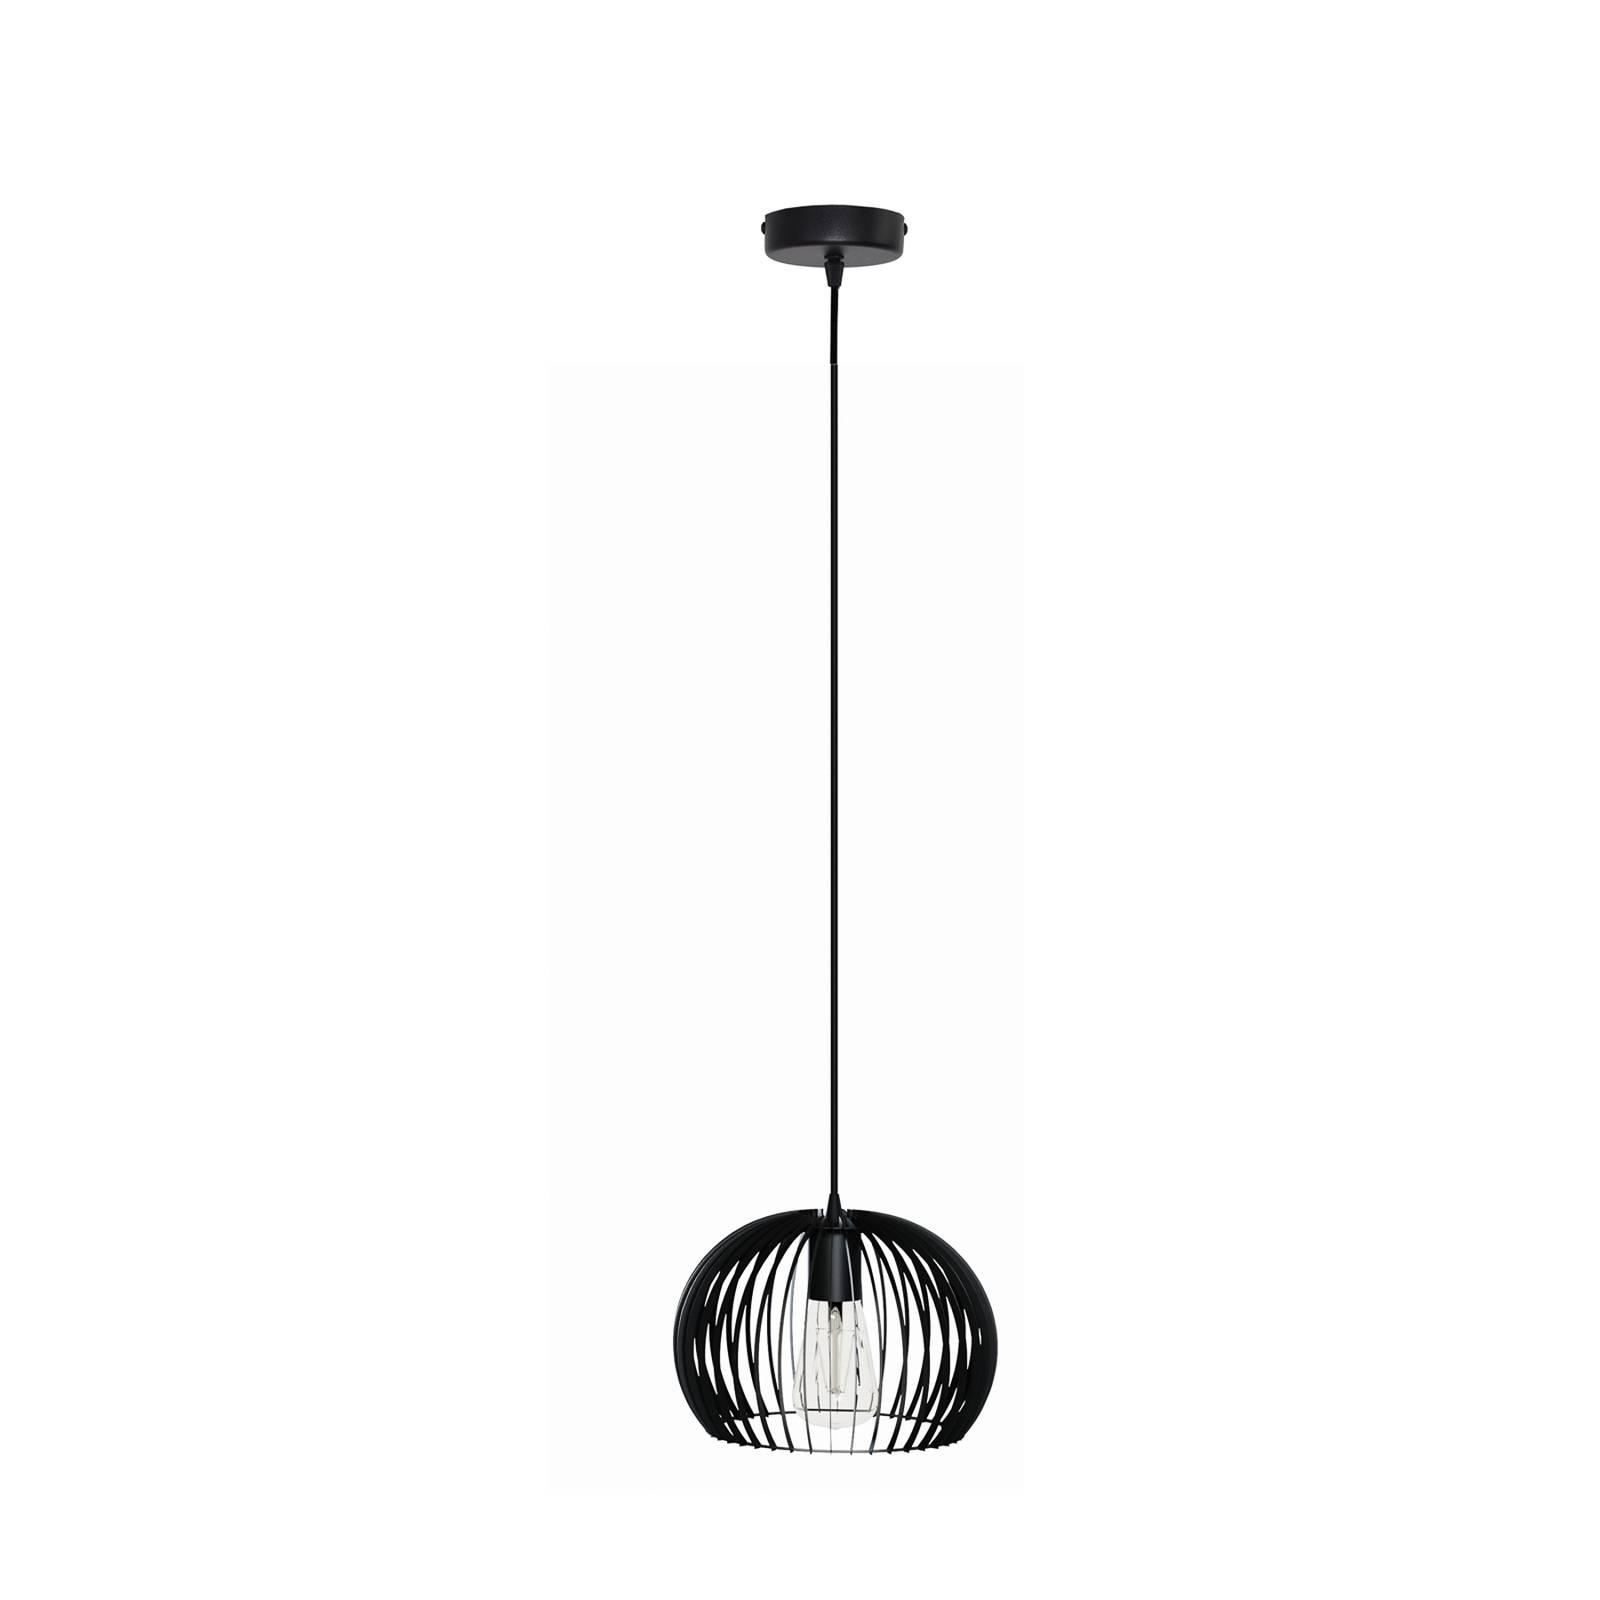 Riippuvalaisin Larus mustaa terästä, 1-lamppuinen